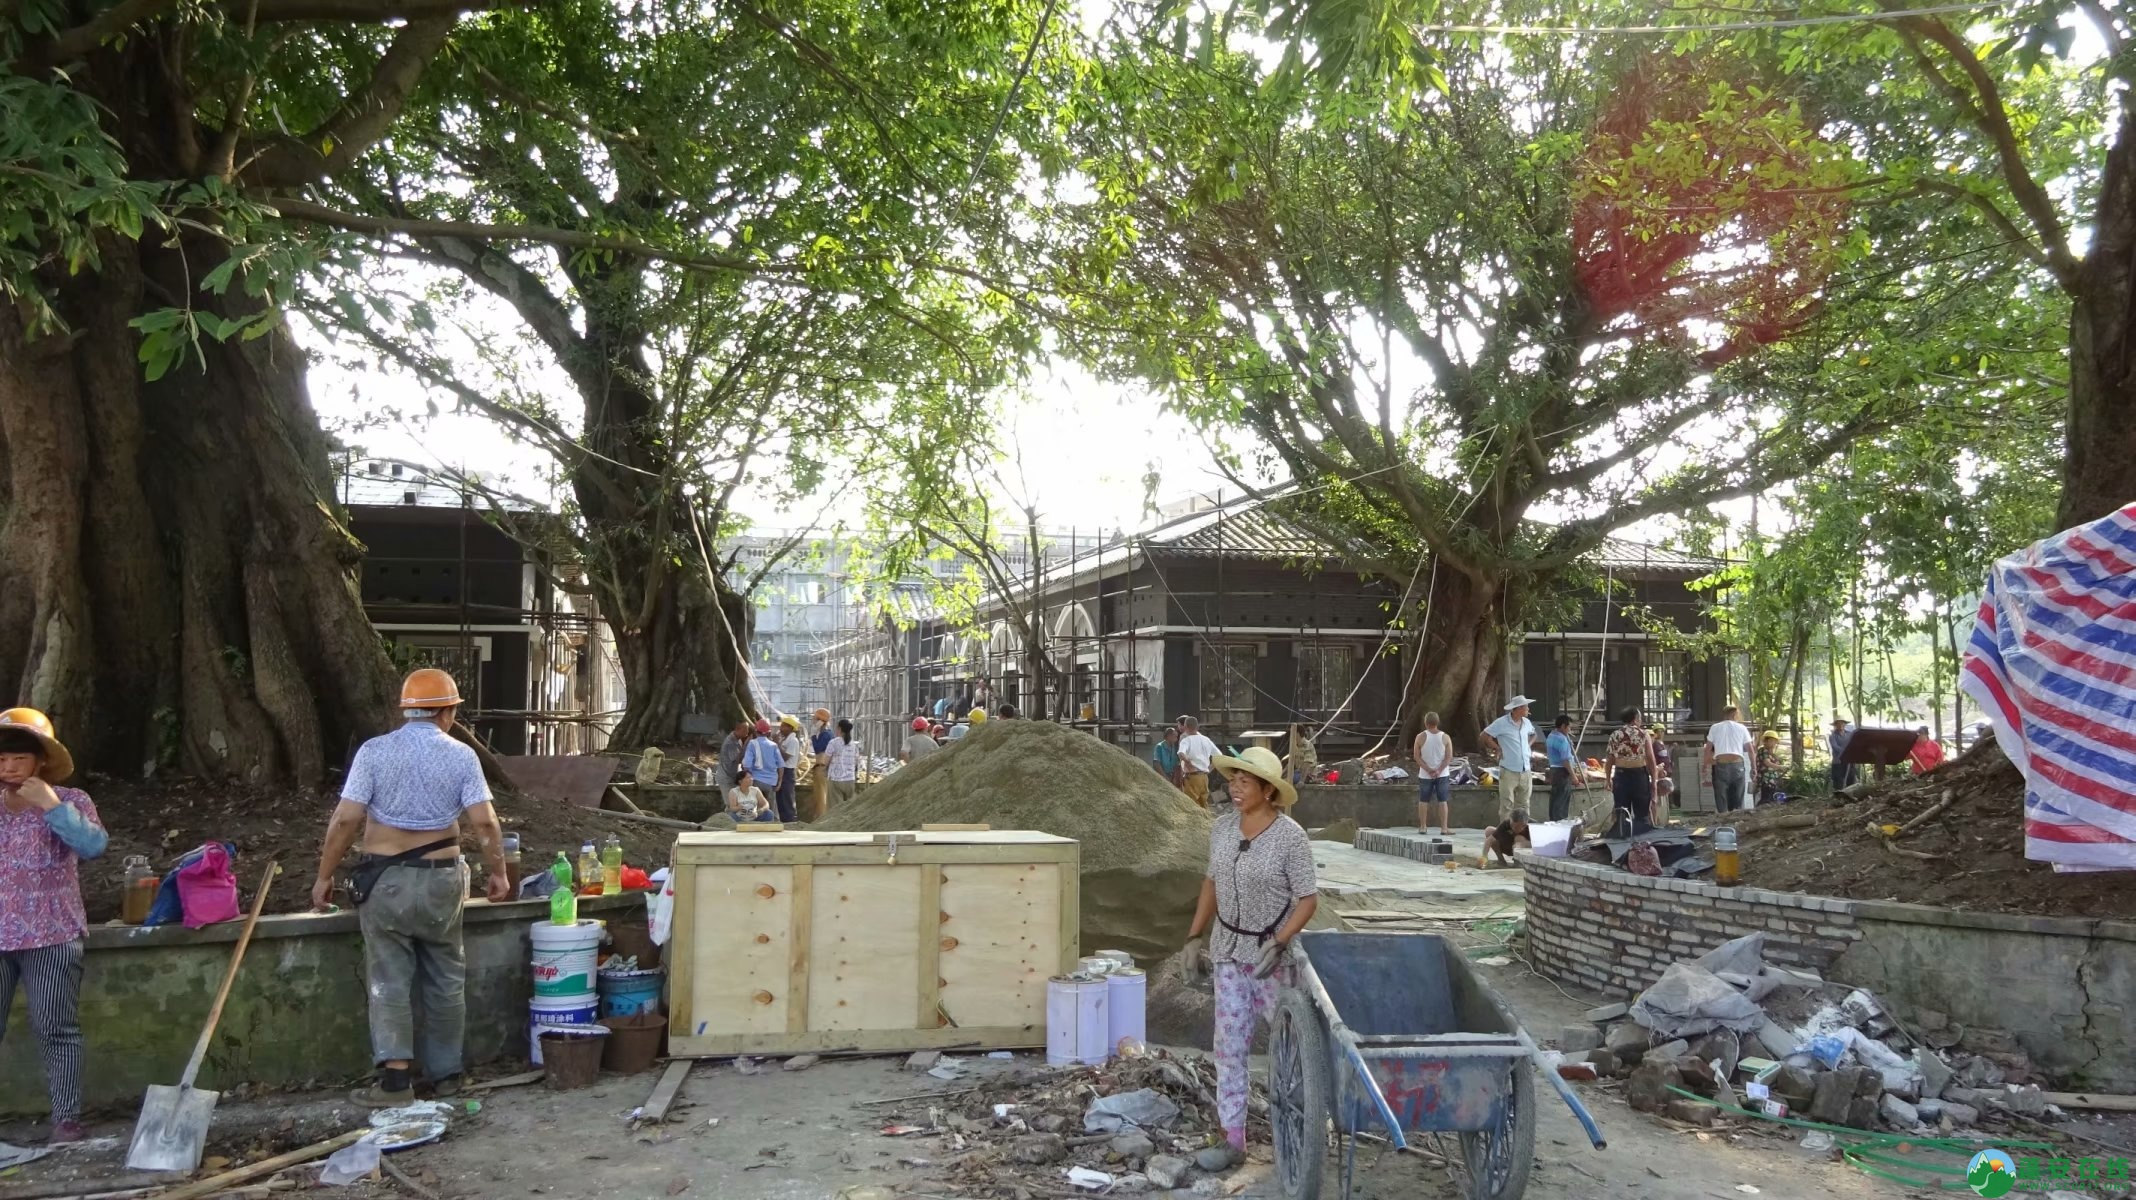 蓬安锦屏相如故城建设迅猛 - 第49张  | 蓬安在线